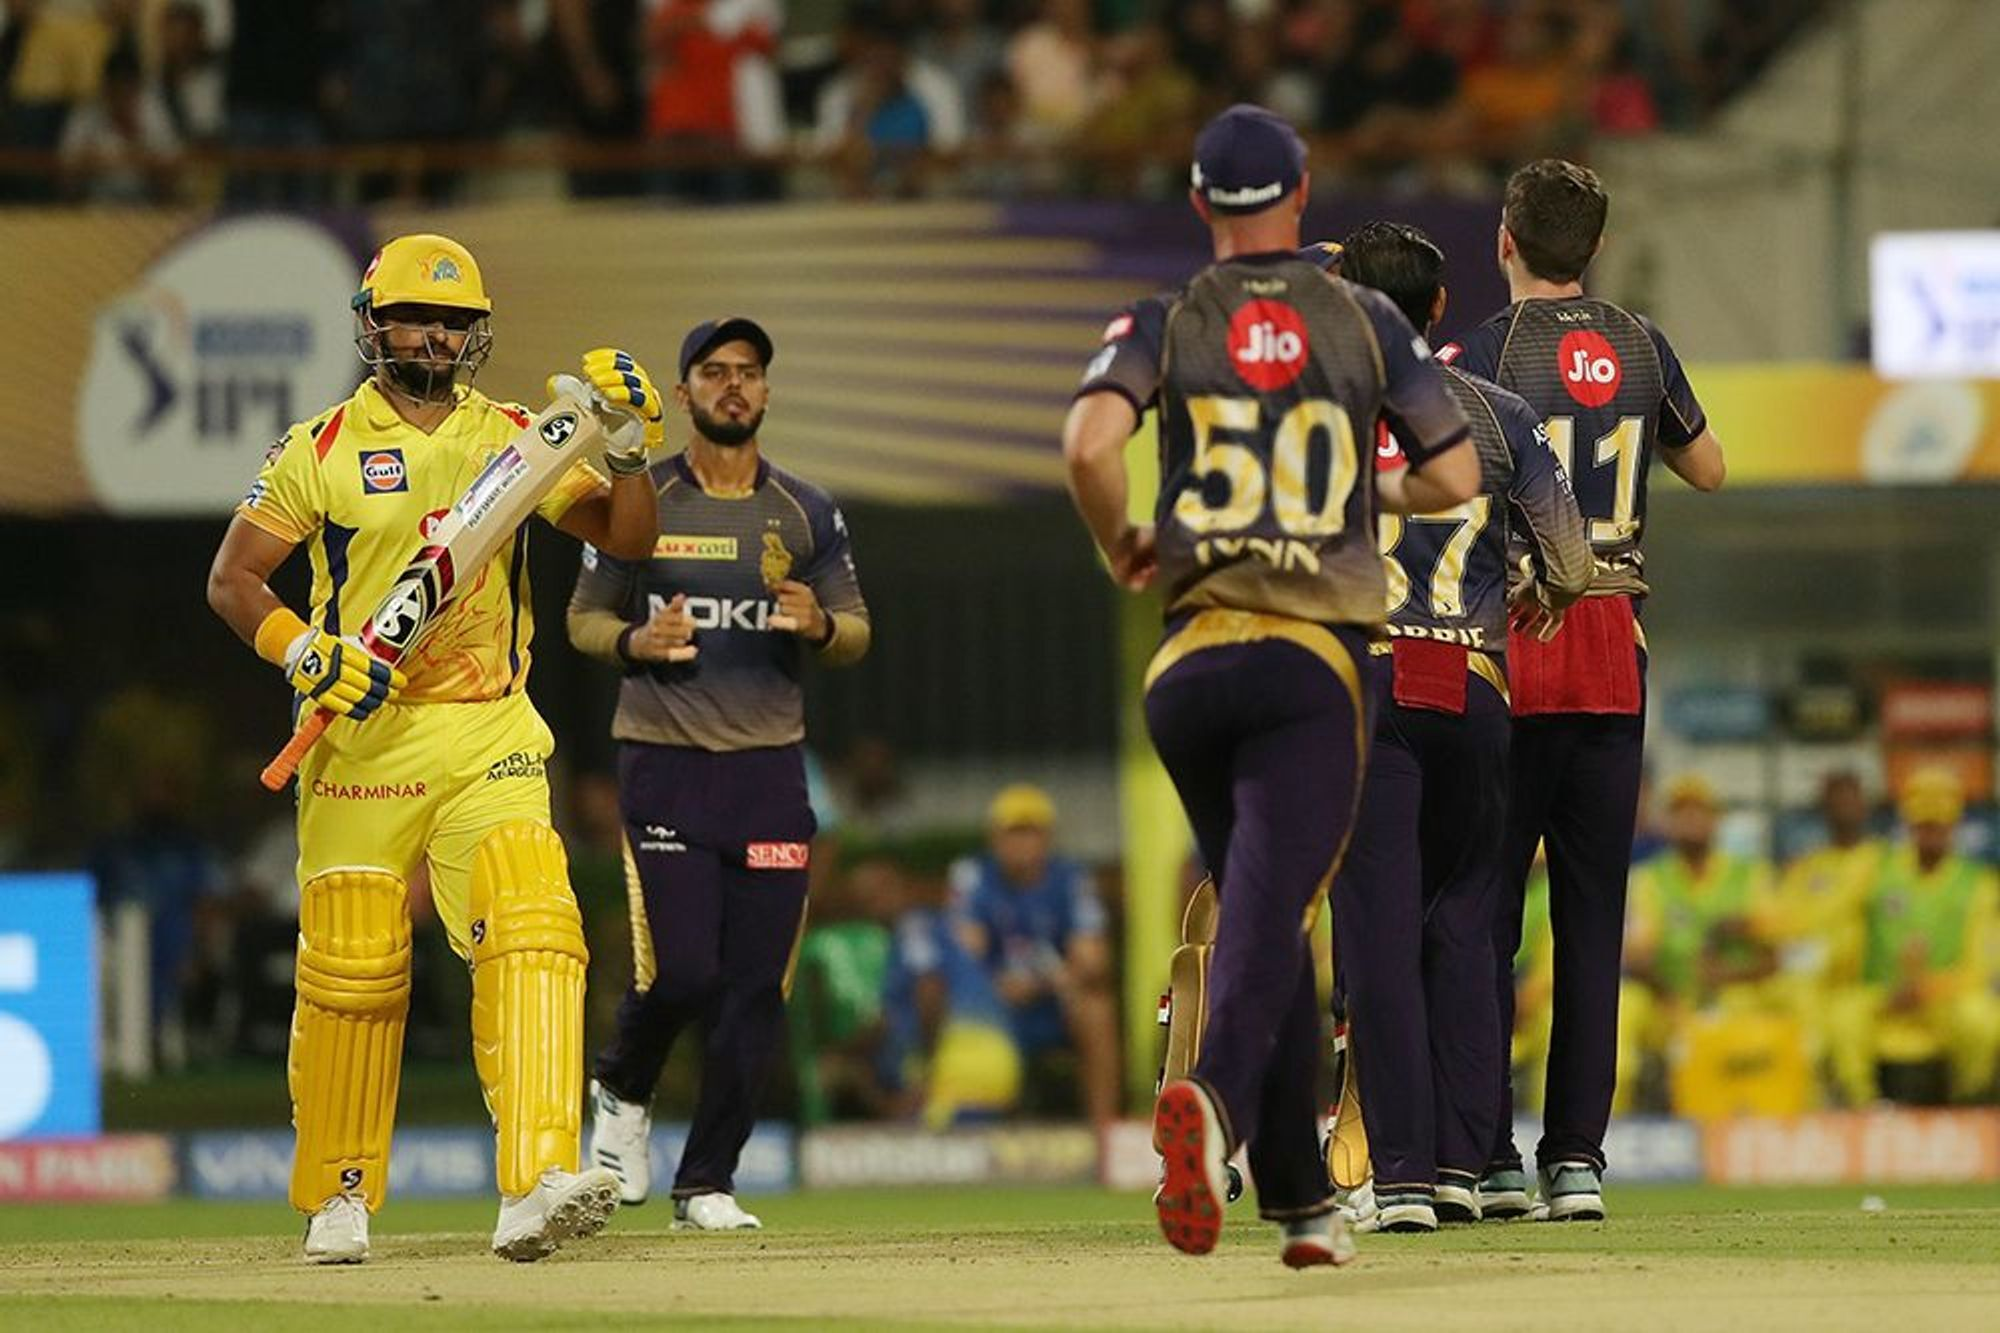 CSKvsKKR : रैना-जडेजा की दमदार पारियों के दम पर चेन्नई ने केकेआर को 5 विकेट से हराया